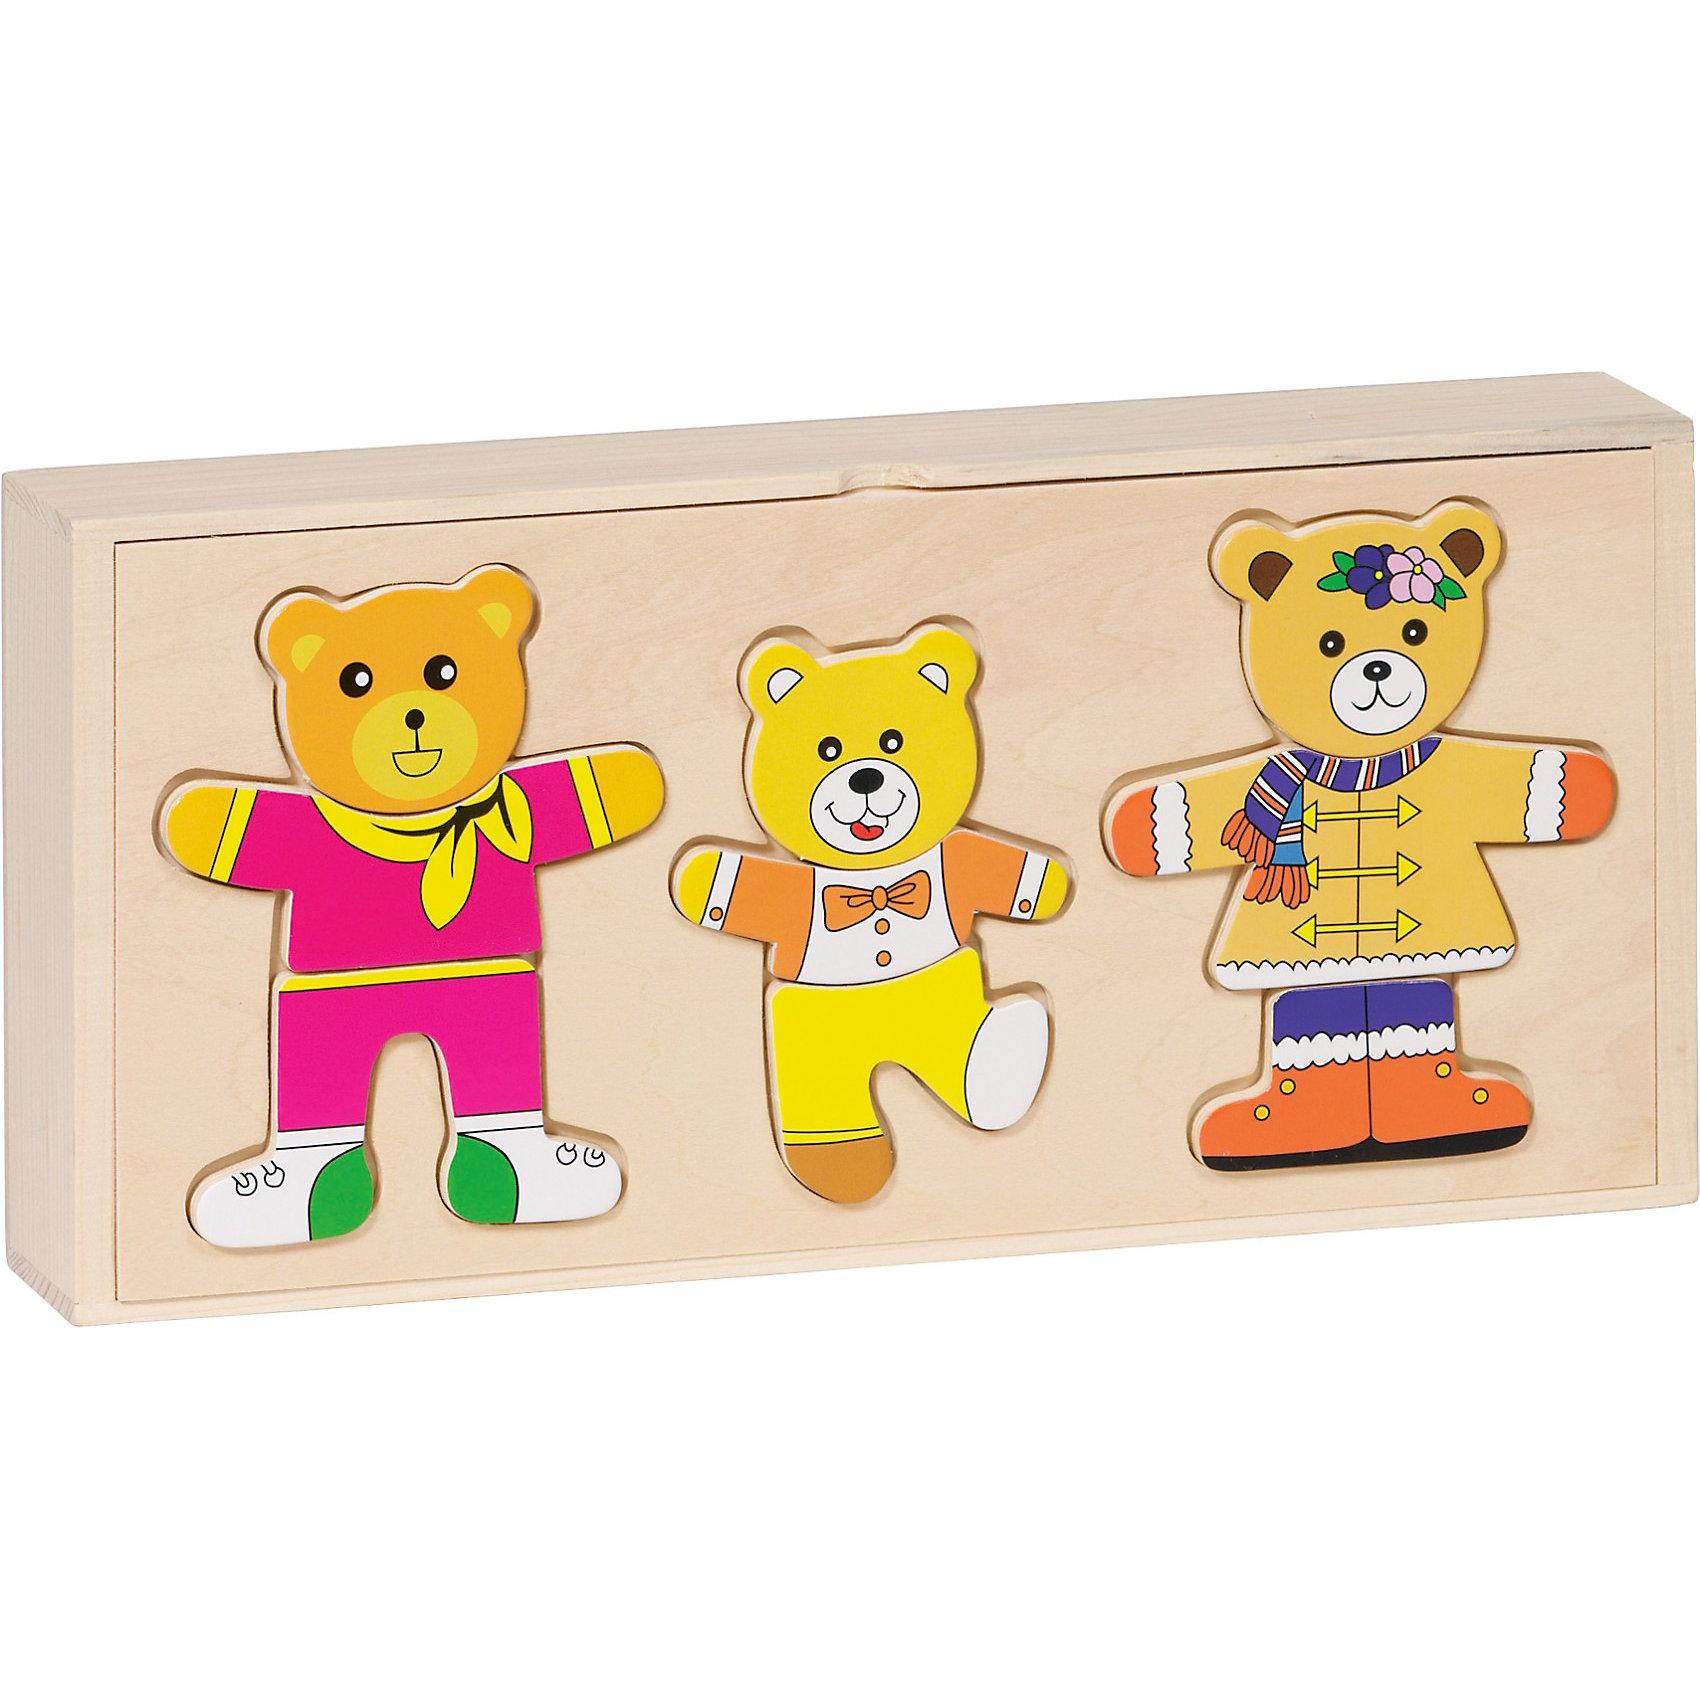 Пазлы в коробке Одень семью медведей, 54 дет., gokiПазл Одень семью медведей goki (гоки) - настоящая находка, ведь он предоставляет такие широкие возможности для игр. Пазл из натурального дерева, собирается прямо на крышке удобной коробочки в которой хранятся элементы. Вместе с семьей симпатичных медвежат можно начинать учить малыша аккуратности с самого раннего возраста. В специальных отделениях коробочки живет семья мишек: Папа, Мама и Сыночек-медвежонок. Мишки большие модники, ведь у них есть костюмчики на все случаи жизни. Малыш будет с удовольствием помогать им собираться на праздник или на прогулку, тем самым тренируя мелкую моторику и внимание. Также помимо одежды, можно подобрать и настроение каждого мишки, выбрав соответствующую головку (с улыбающимся, сердитым, смеющимся или спокойным личиком). Пазл настолько увлекательный, что игра с ним совмещает в себе пазл, ролевую игру, развивает речь и социализацию ребенка.<br><br>Дополнительная информация:<br><br>- 54 элемента;<br>- Можно подбирать не только одежду, но и выражение лиц;<br>- Удобная коробка для хранения элементов;<br>- Материалы: дерево, безопасные краски;<br>- Развивает моторику, координацию, мышление;<br>- Прекрасный дизайн;<br>- Размер: 27 х 13,5 см;<br>- Вес: 560 г<br><br>Пазлы в коробке Одень семью медведей, goki (гоки) можно купить в нашем интернет-магазине.<br><br>Ширина мм: 305<br>Глубина мм: 305<br>Высота мм: 140<br>Вес г: 560<br>Возраст от месяцев: 36<br>Возраст до месяцев: 48<br>Пол: Унисекс<br>Возраст: Детский<br>SKU: 3777814